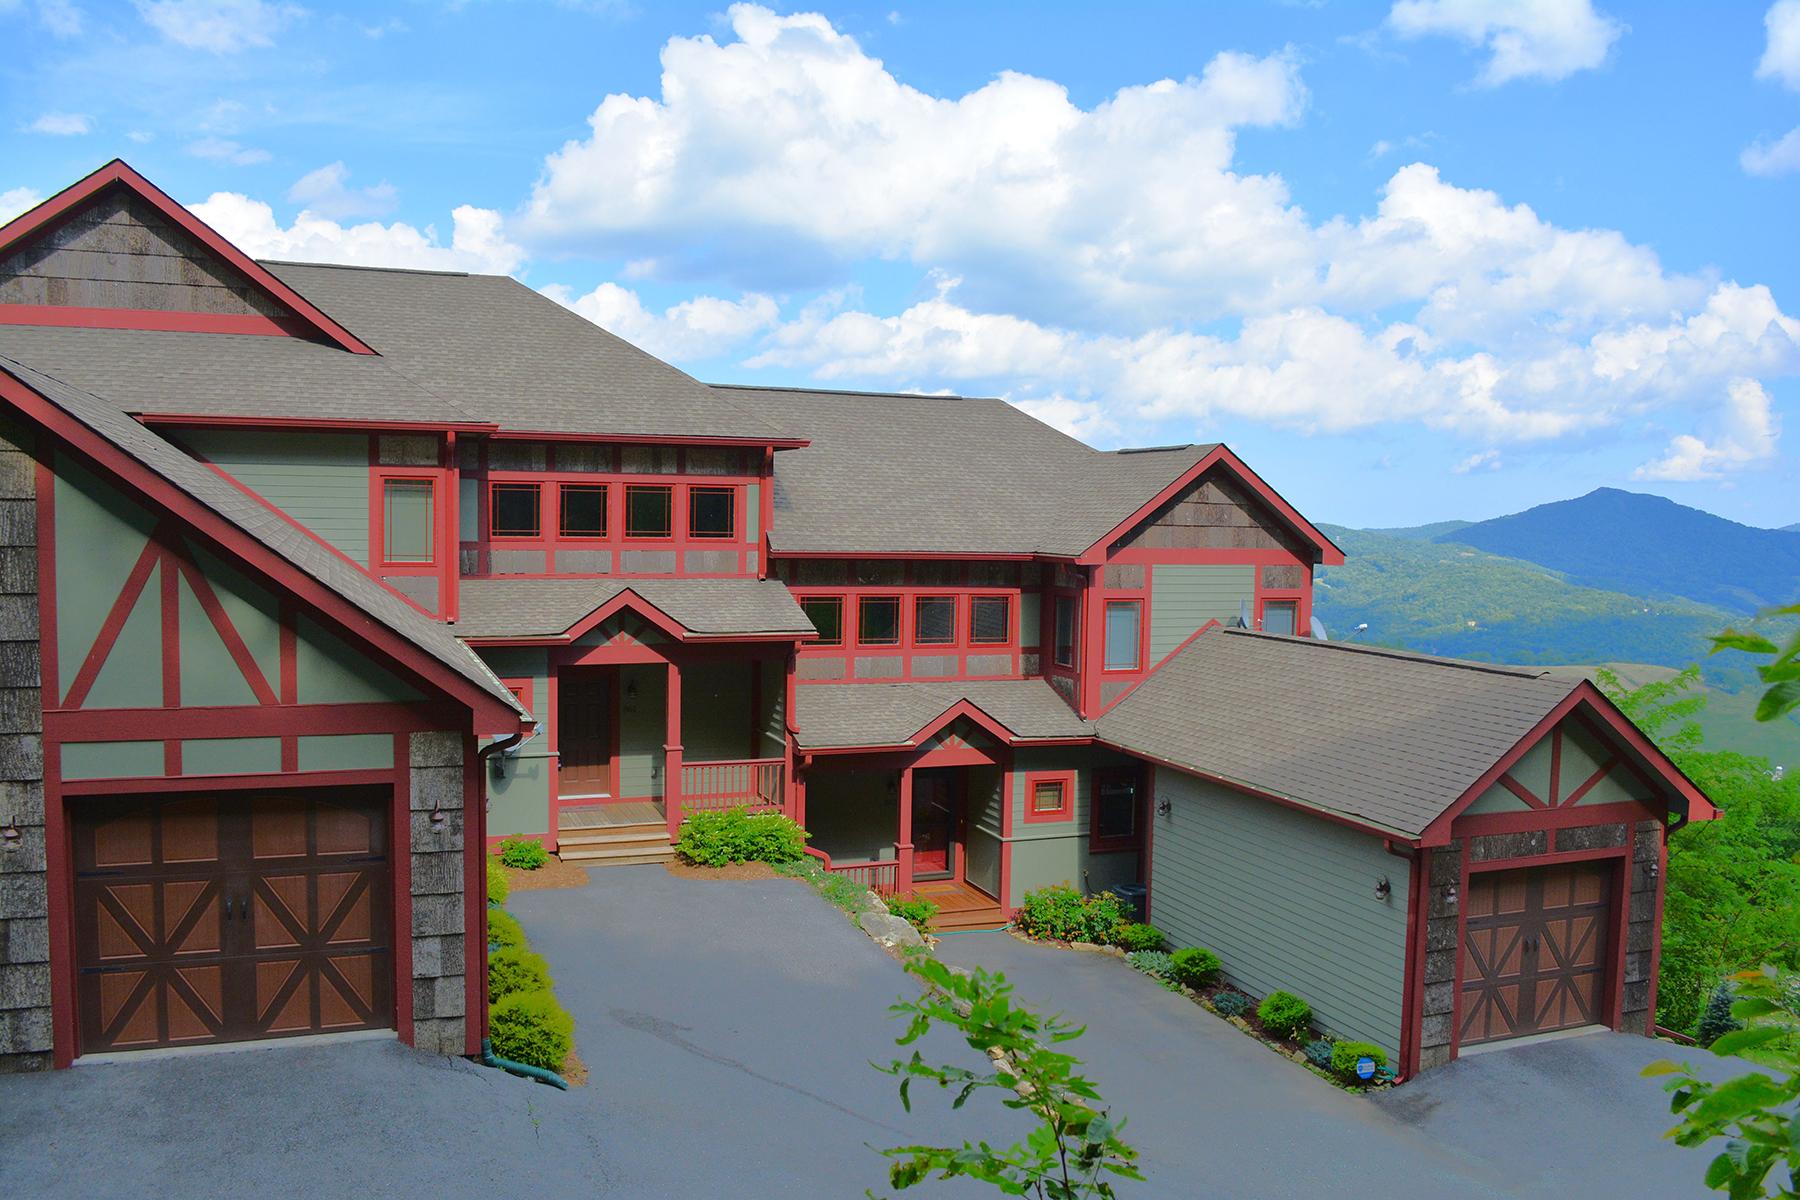 共管式独立产权公寓 为 销售 在 BEECH MOUNTAIN - DEER CREEK FALLS 861 White Tail Trl B-3, Banner Elk, 北卡罗来纳州, 28604 美国